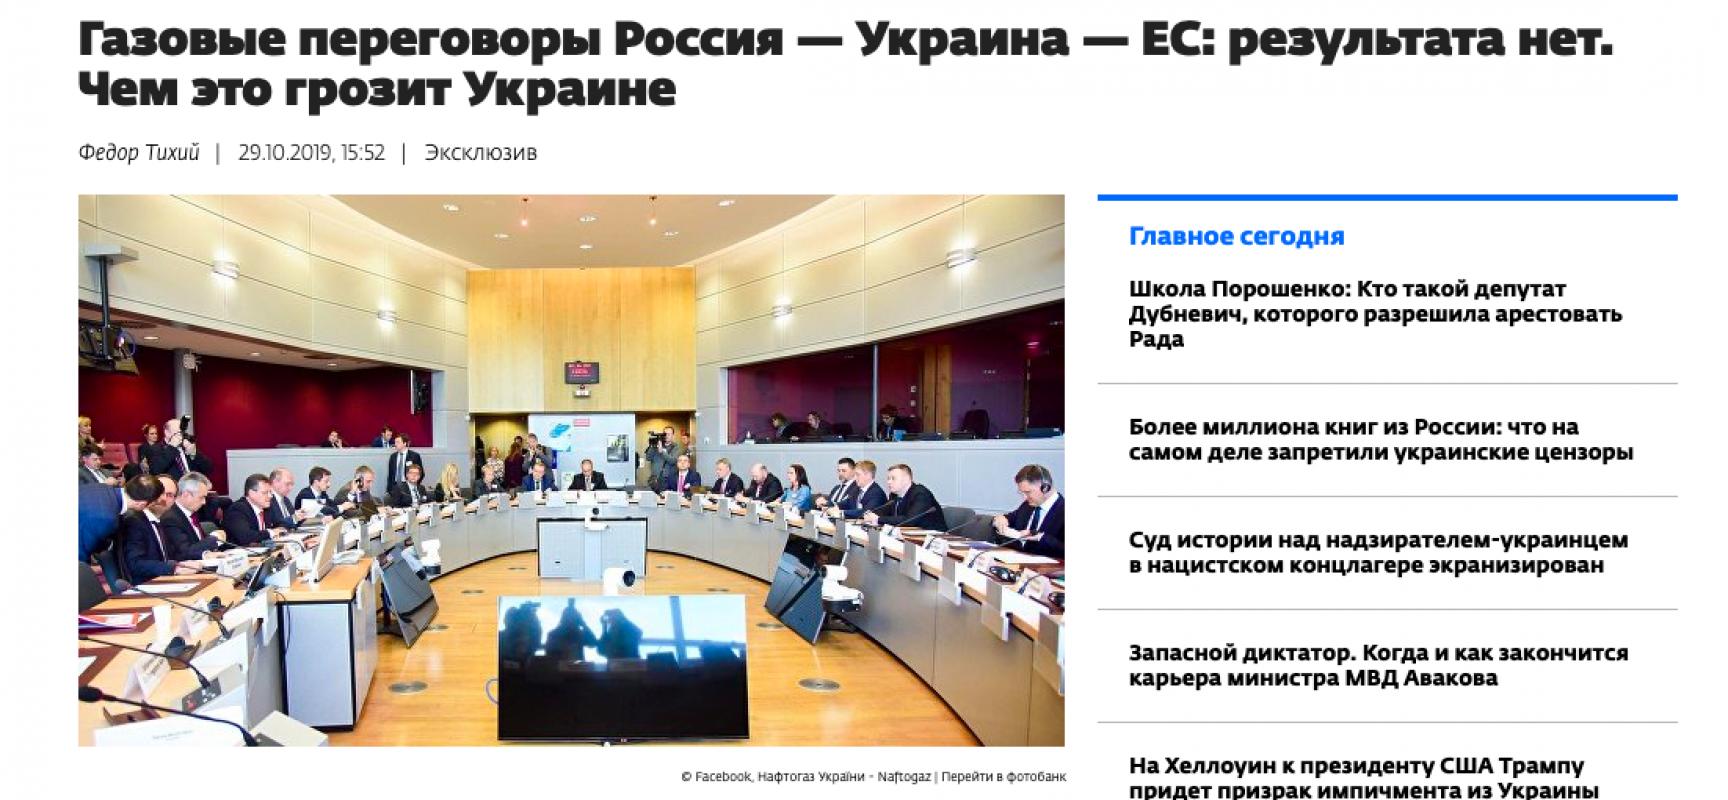 Фейк: «Нафтогаз» срывает переговоры с «Газпромом» и шантажирует Россию